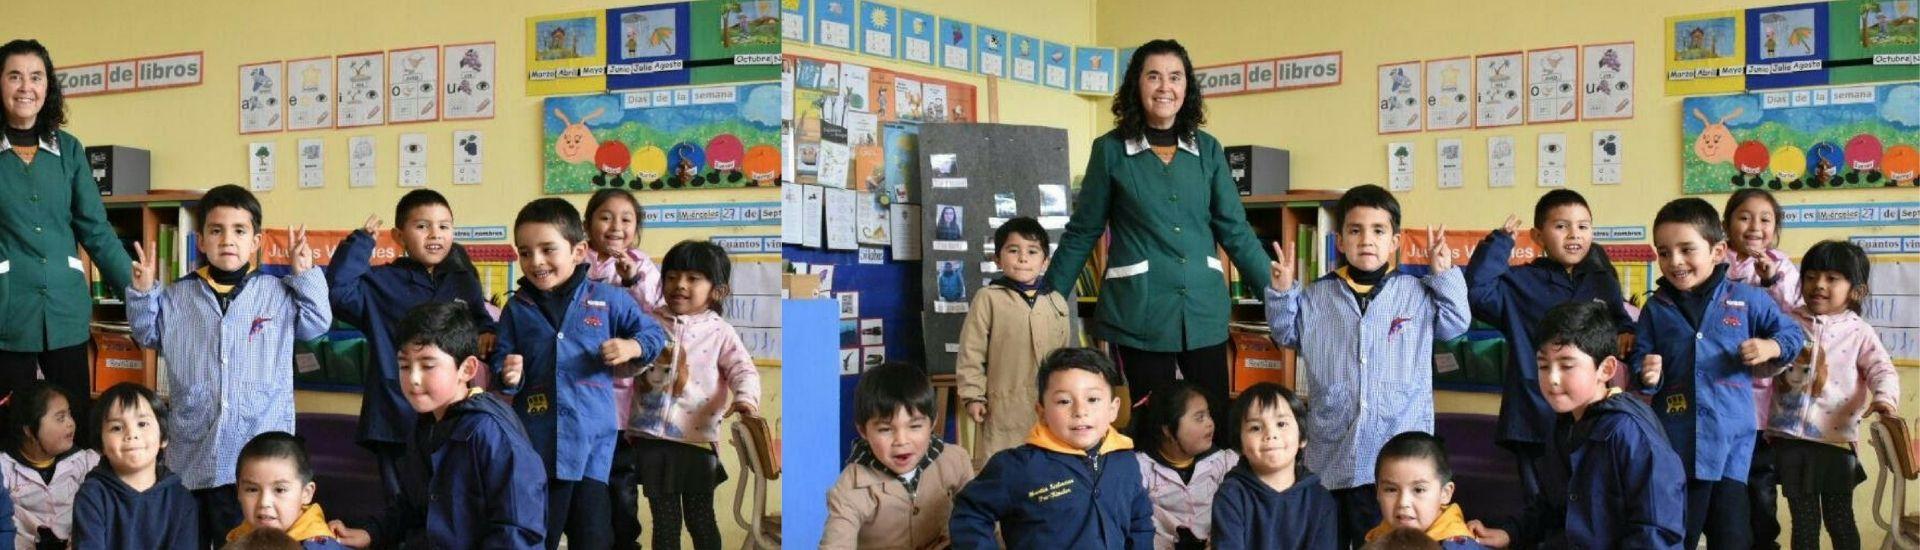 Beatriz Saavedra con sus estudiantes